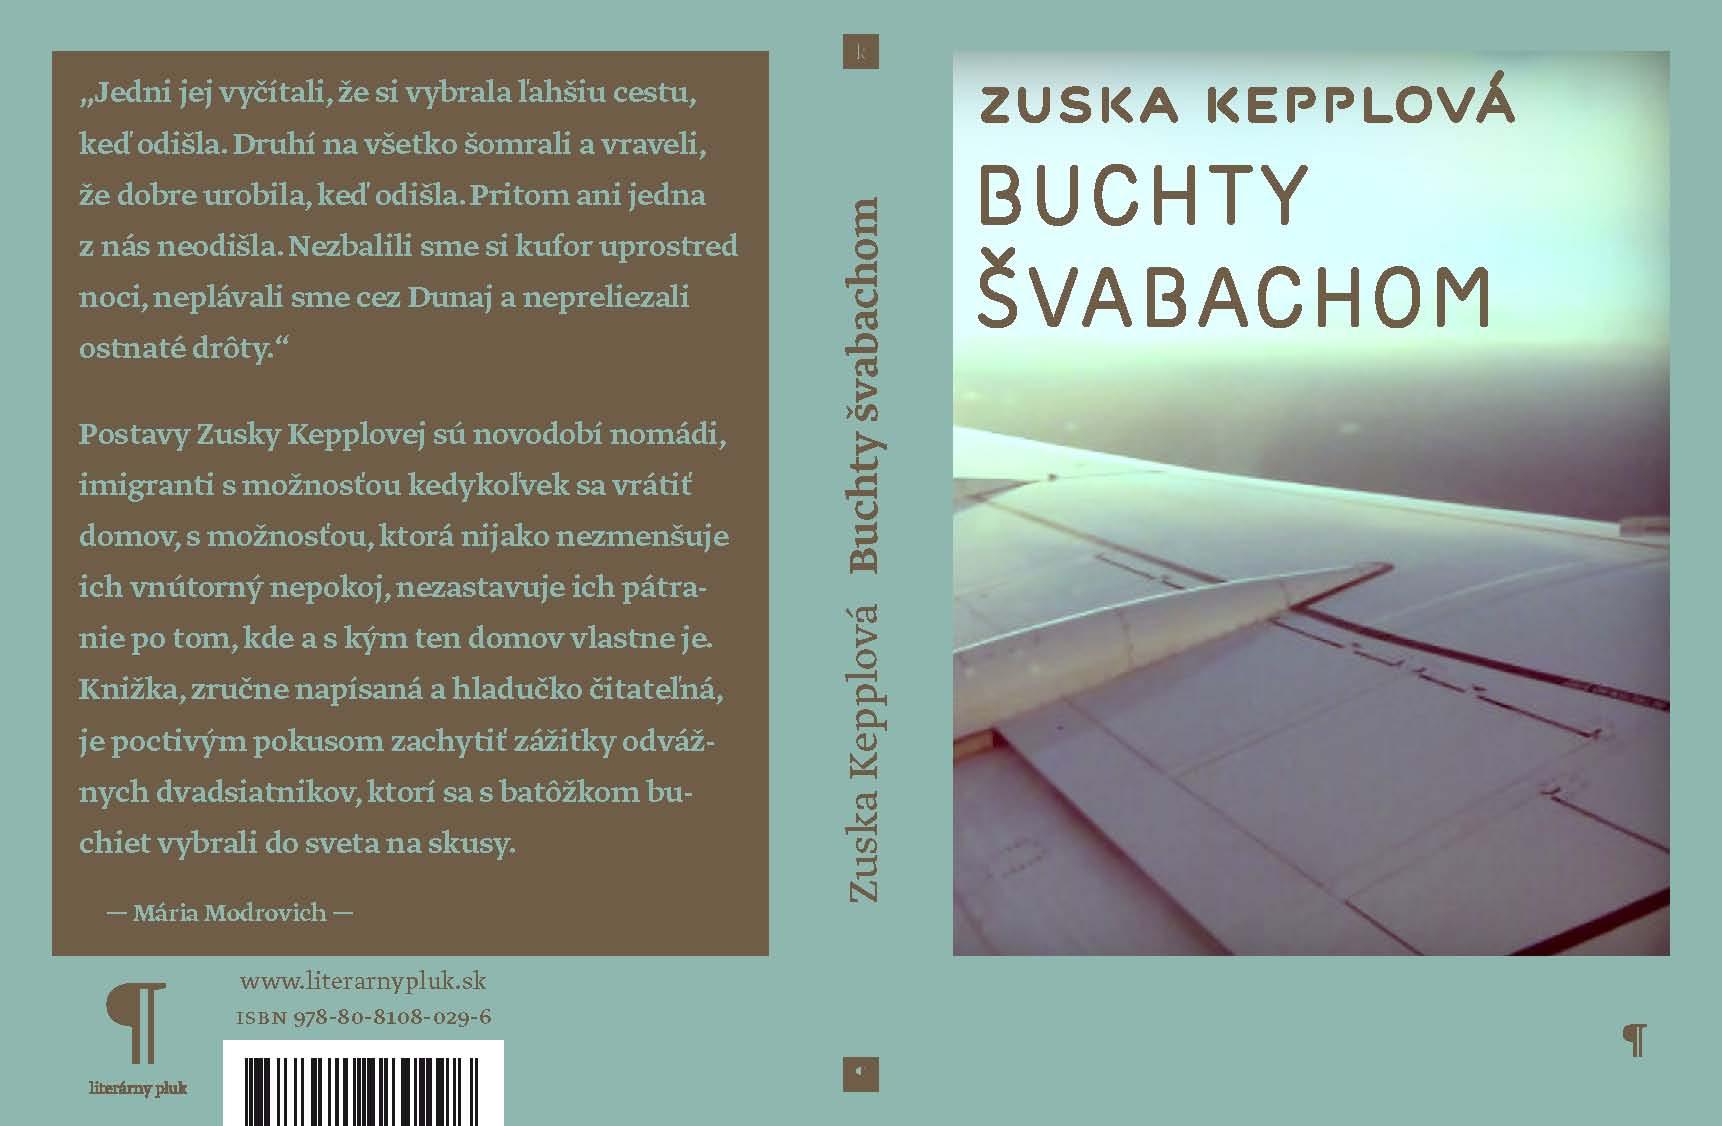 buchty-svabachom_obalka.jpg